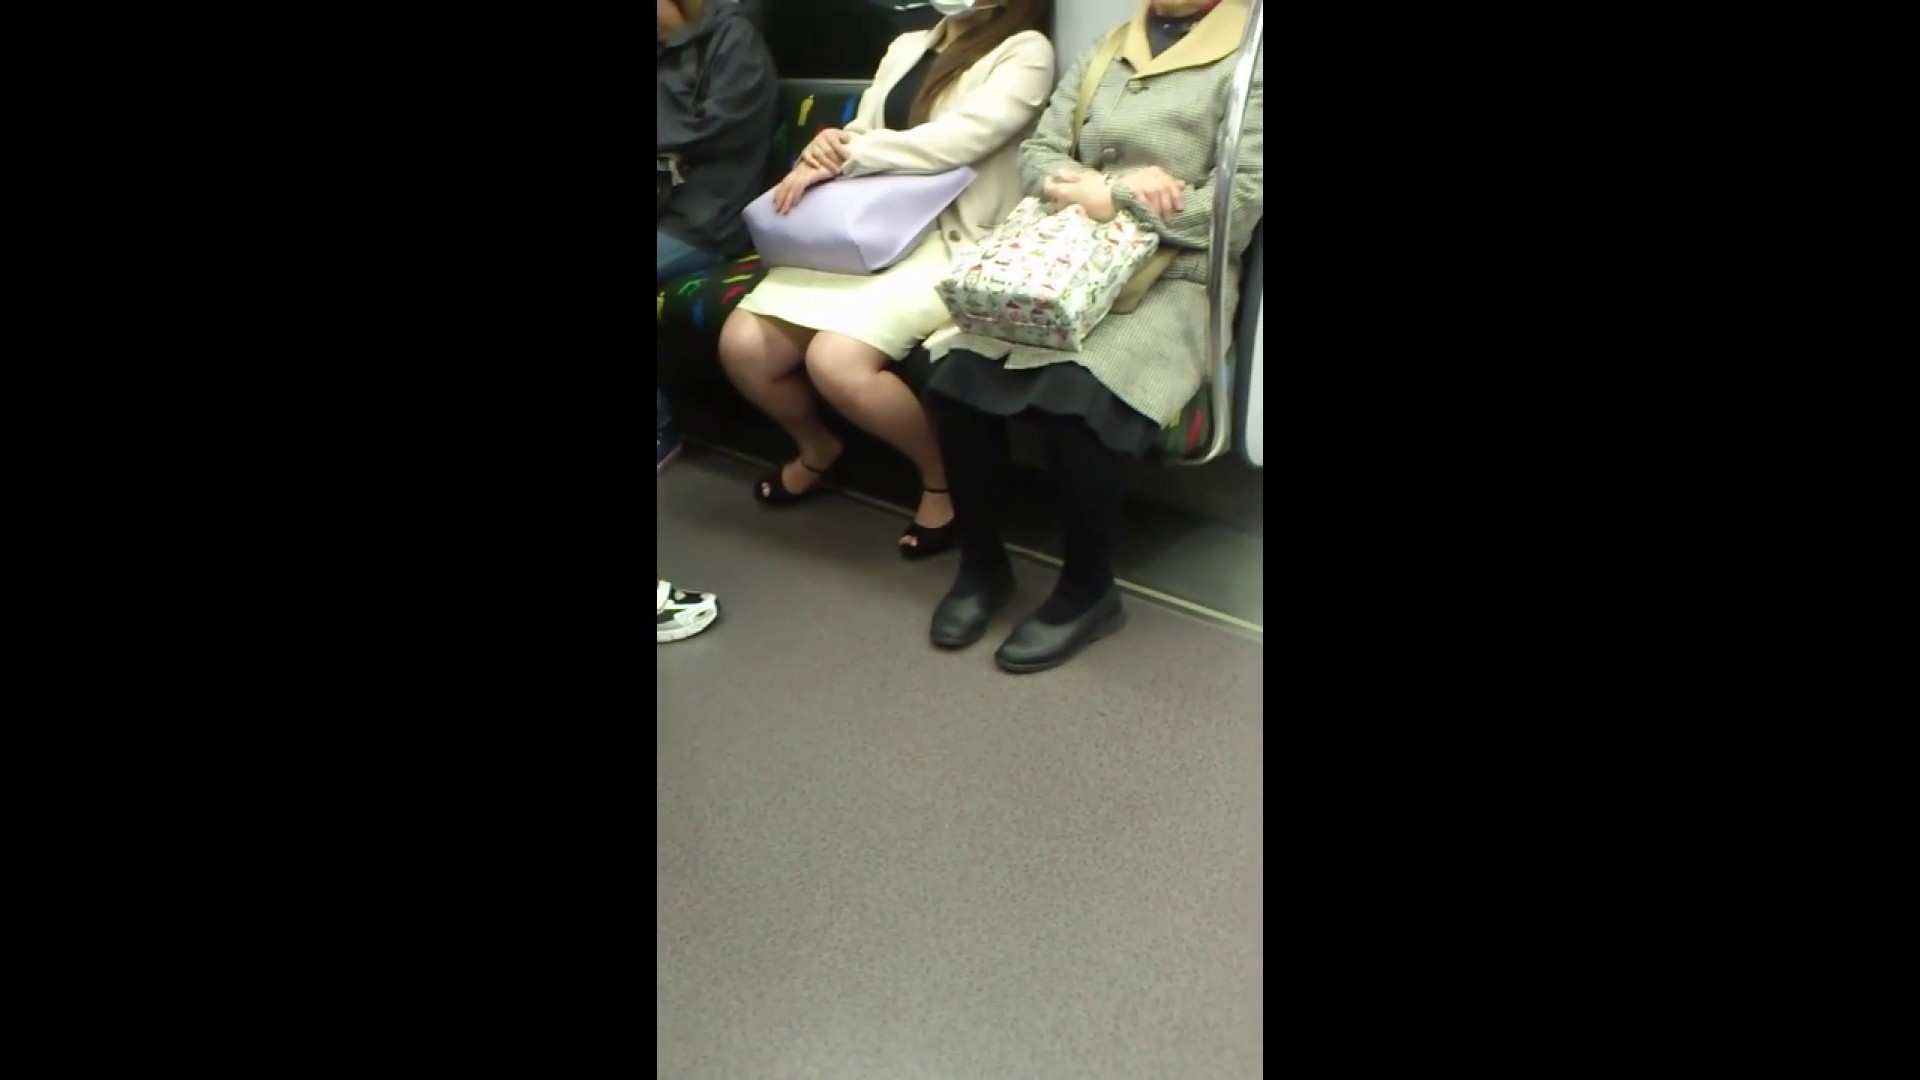 盗撮列車 Vol.55 黄色の爽やかなスカートが大好きです。 パンチラ女子 濡れ場動画紹介 89枚 17